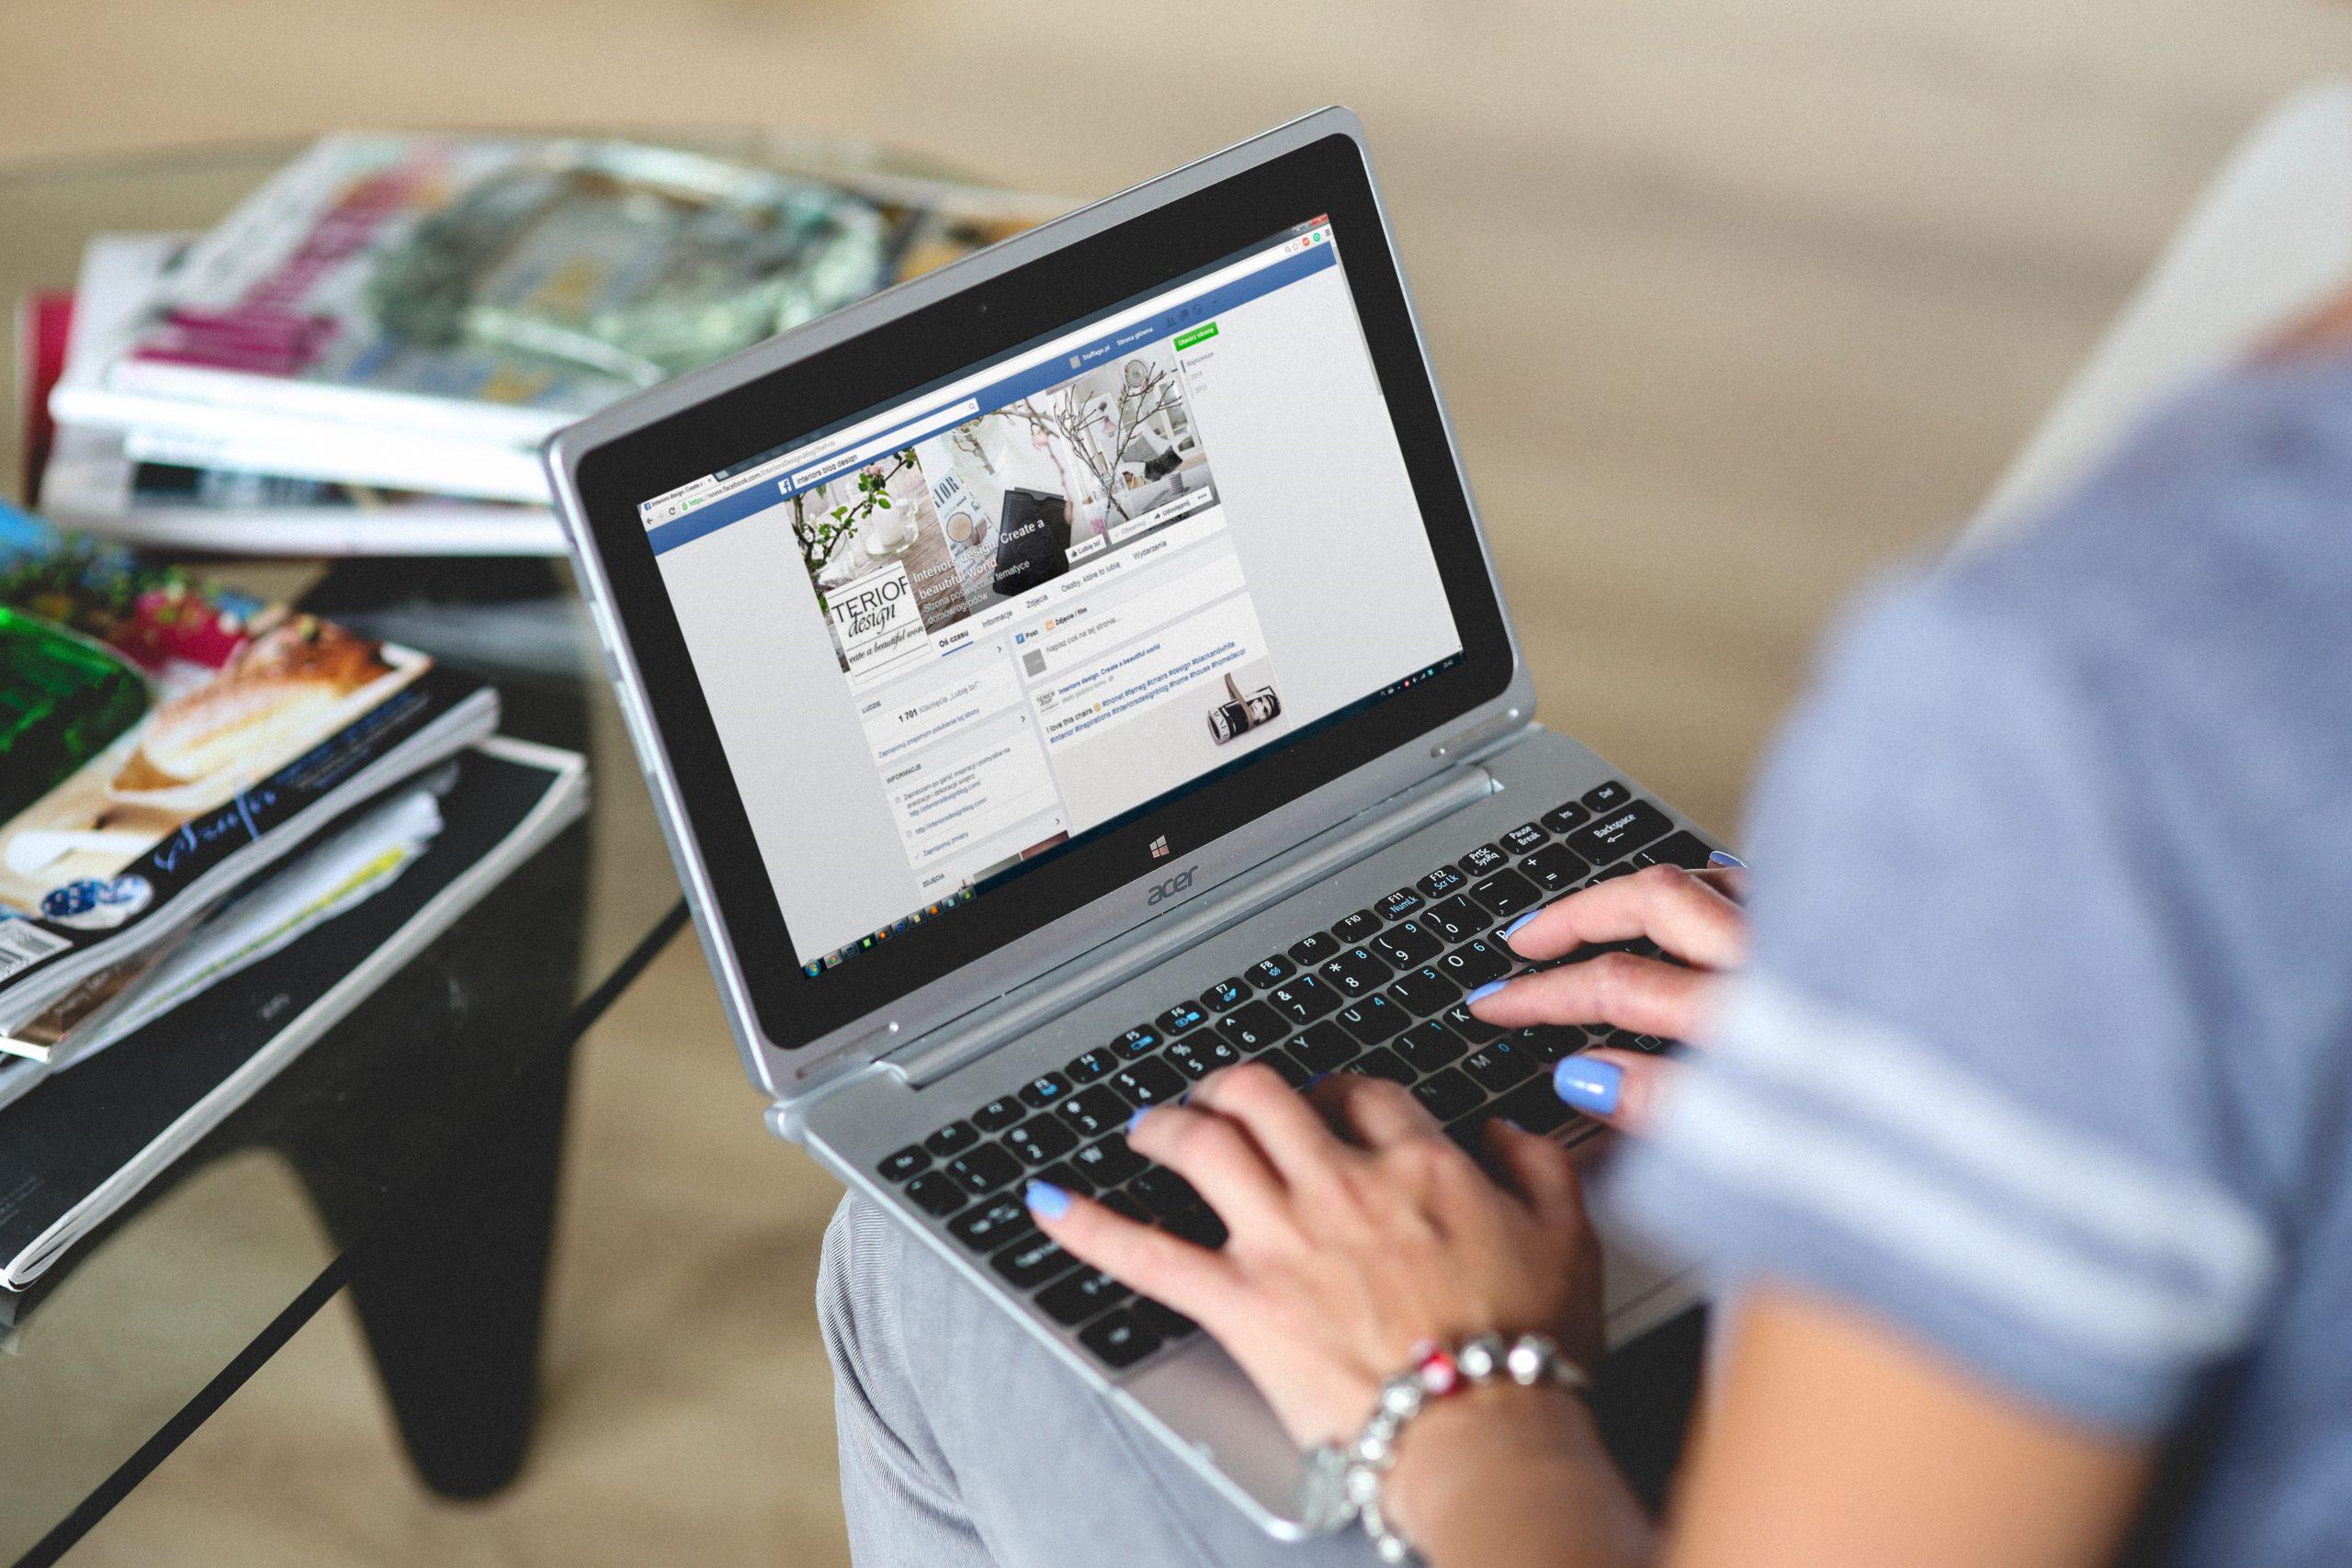 hands woman laptop notebook